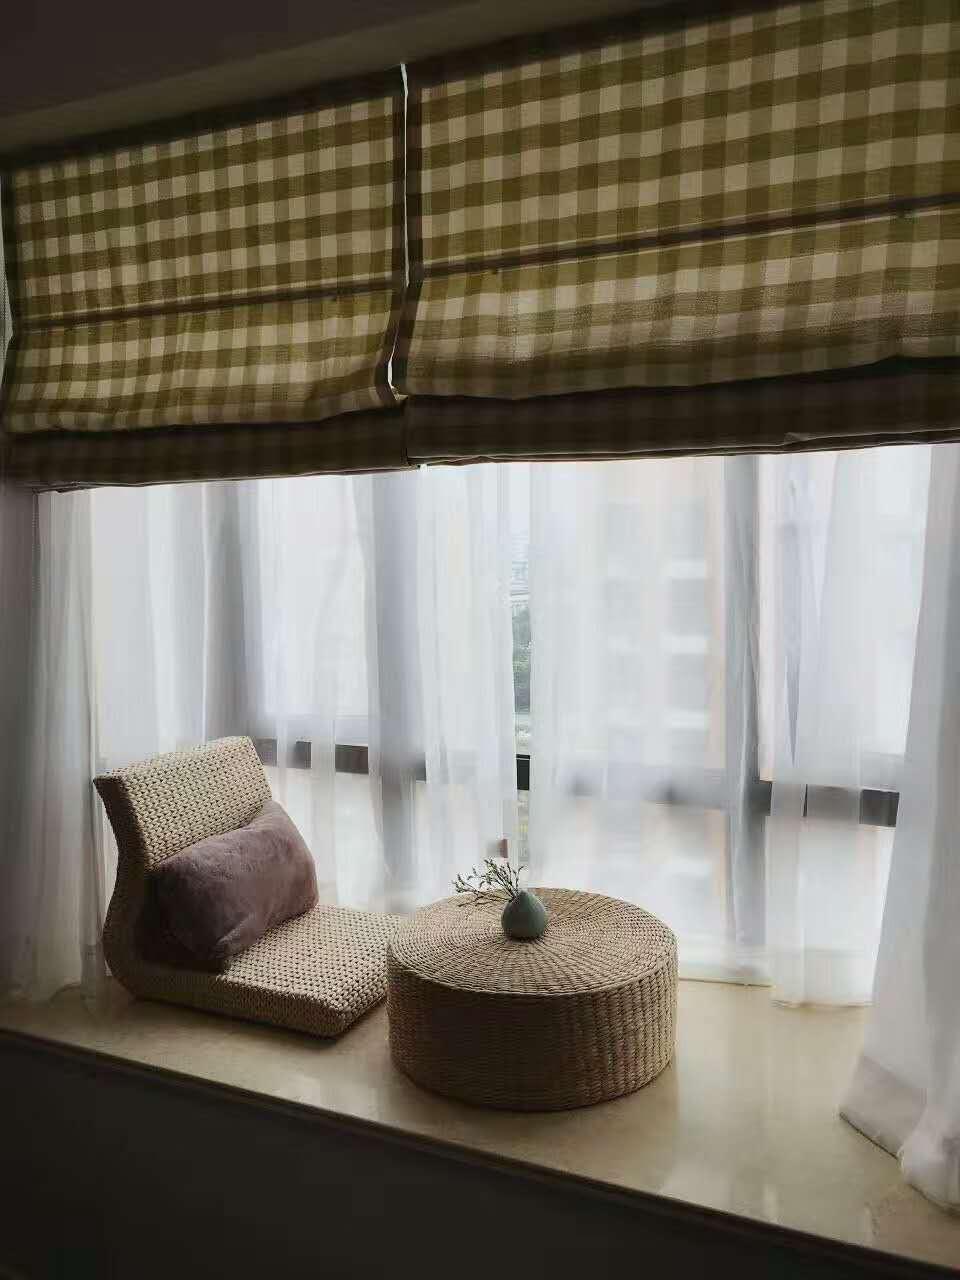 格子窗帘放下来,飘窗就是一个独立的空间,挽起来也是一道亮丽的风景线。